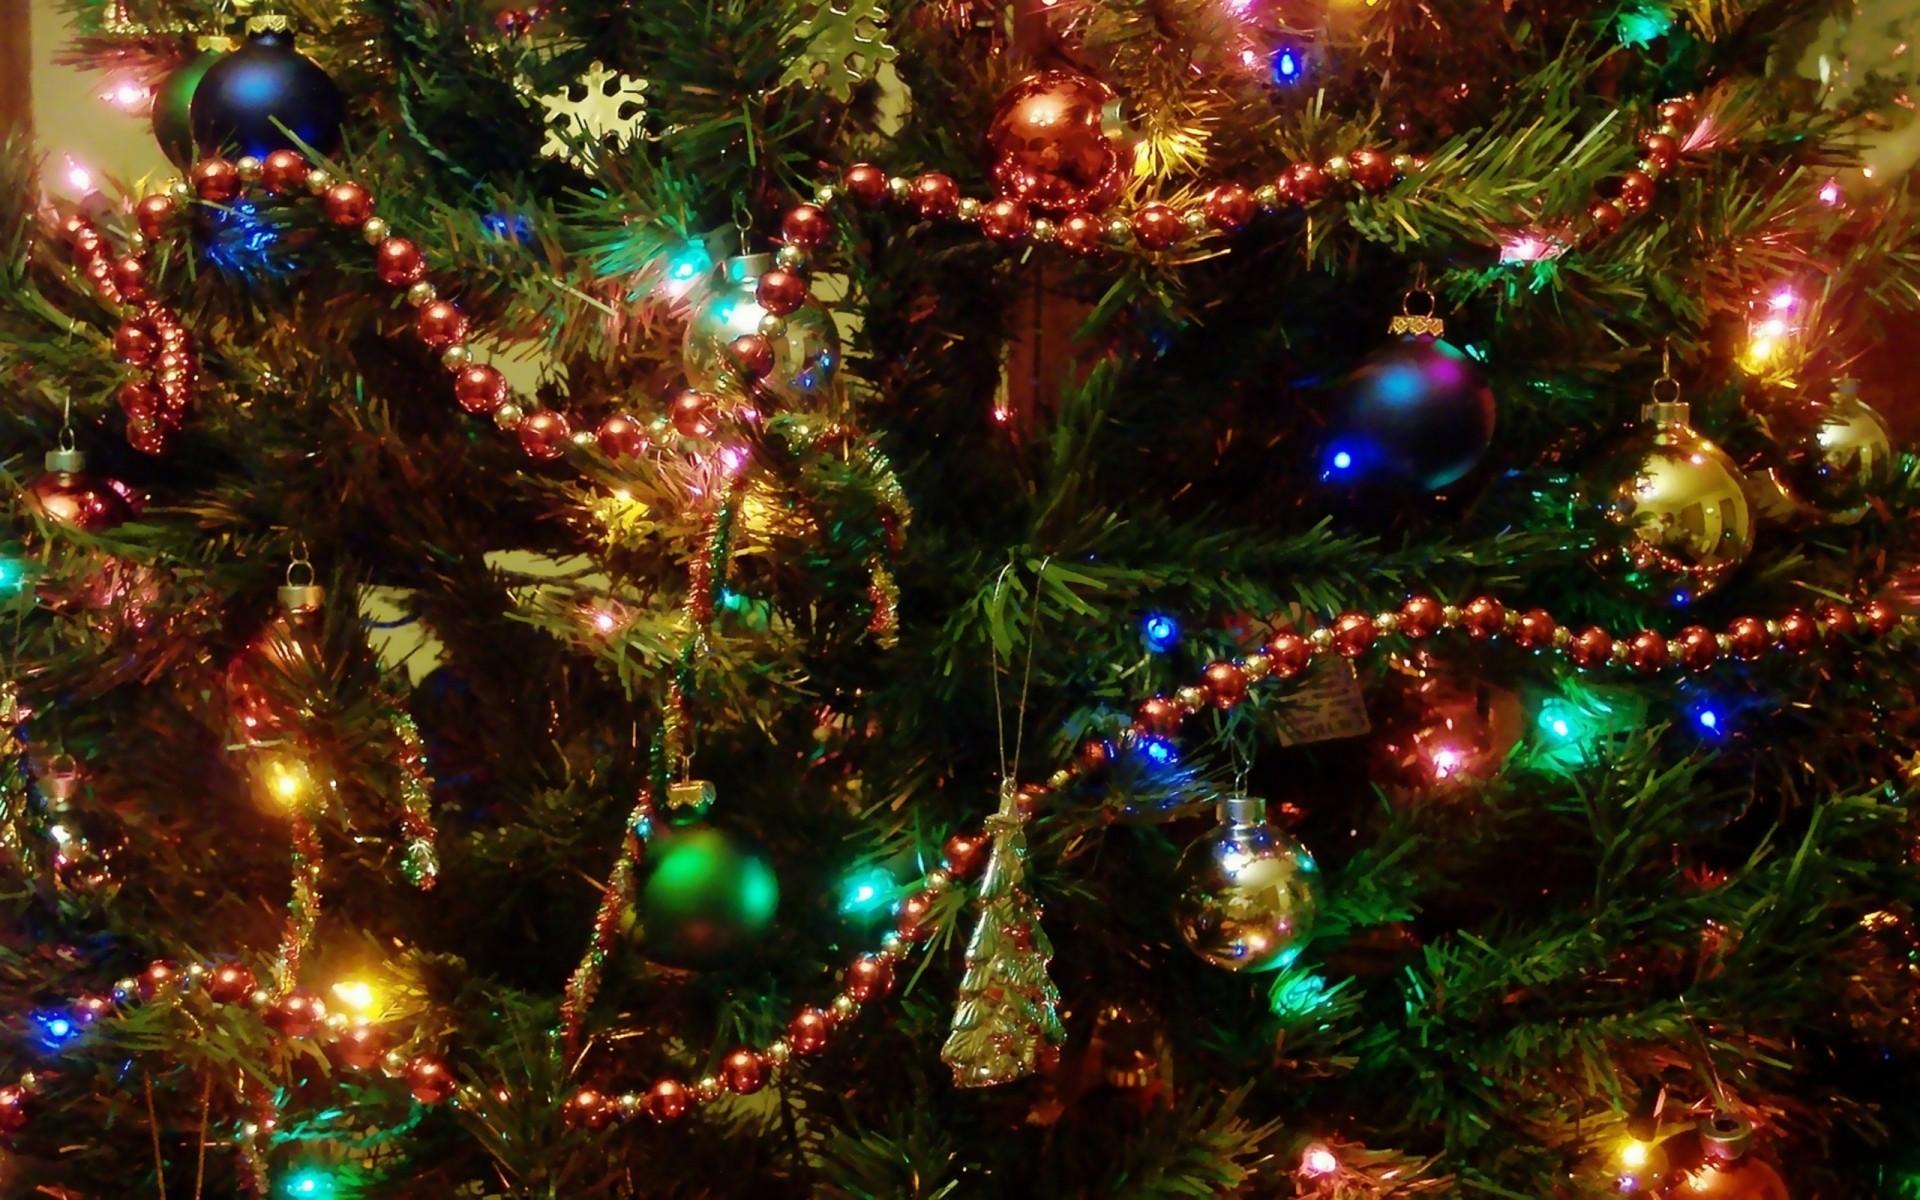 этом году красивые картинки елок новогодних любой части